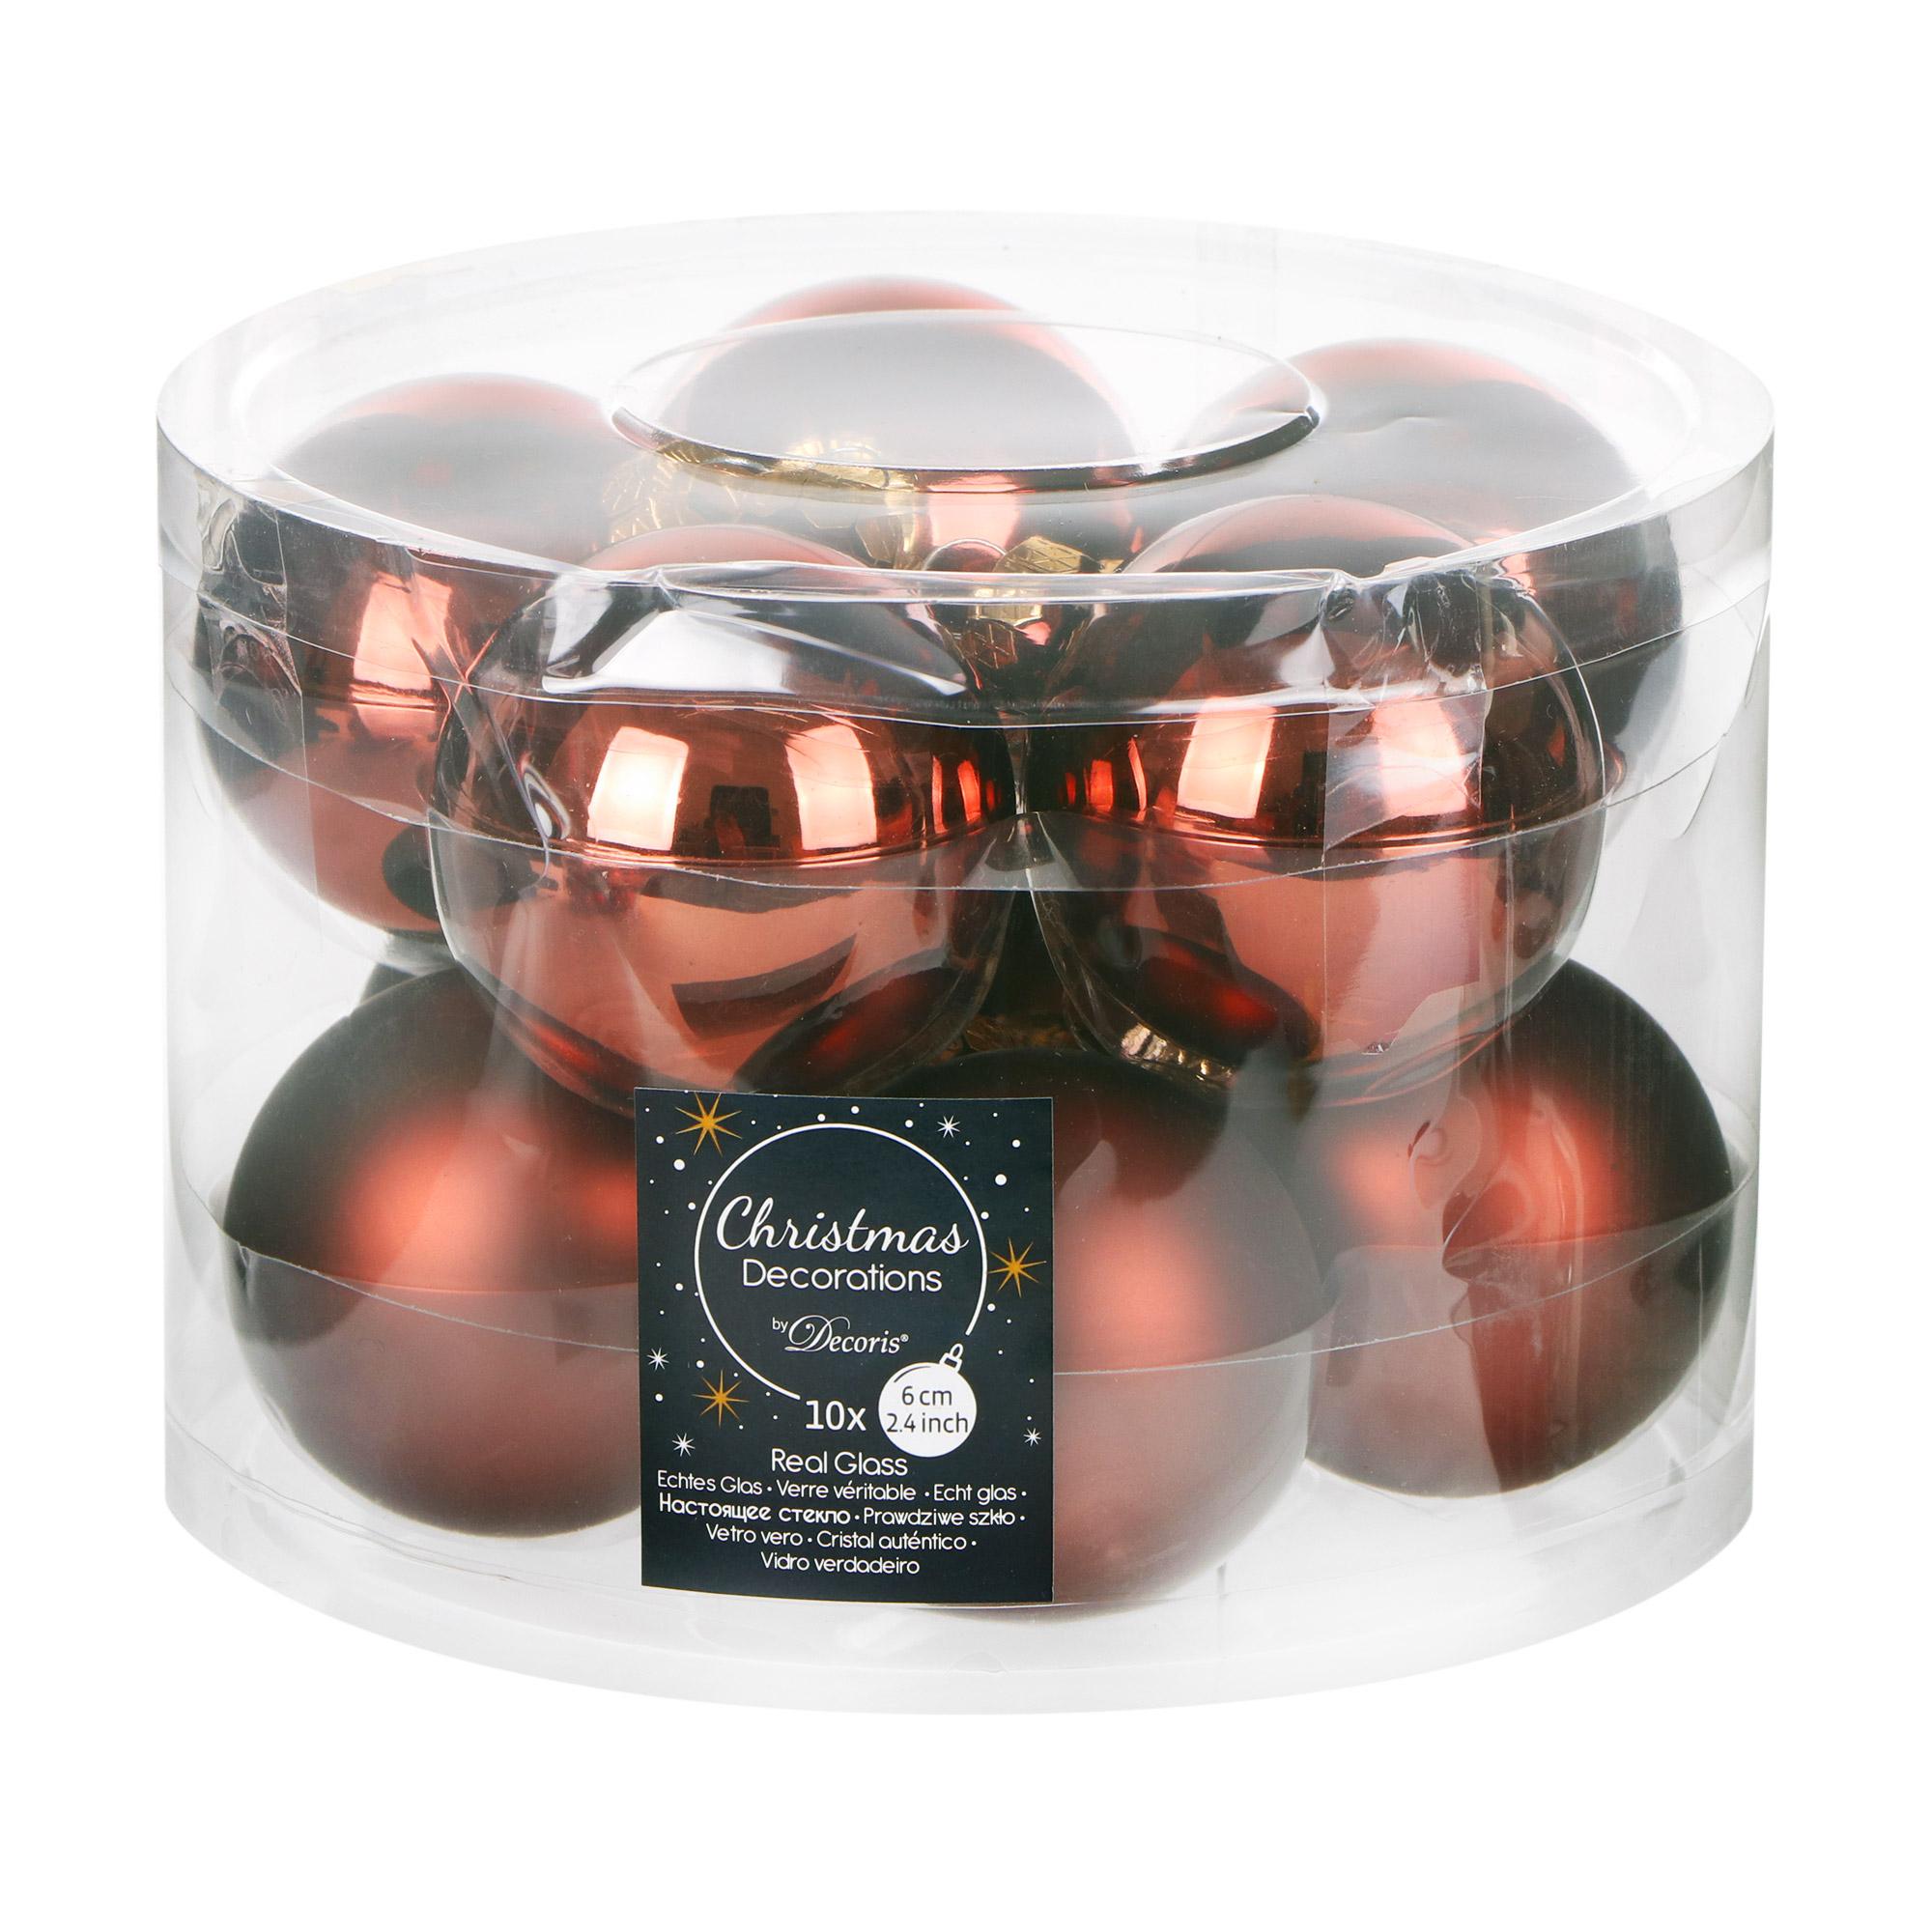 Набор шаров в тубе Kaemingk 6см 10шт бордо стекло набор шаров в тубе kaemingk 6см 10шт бордо стекло